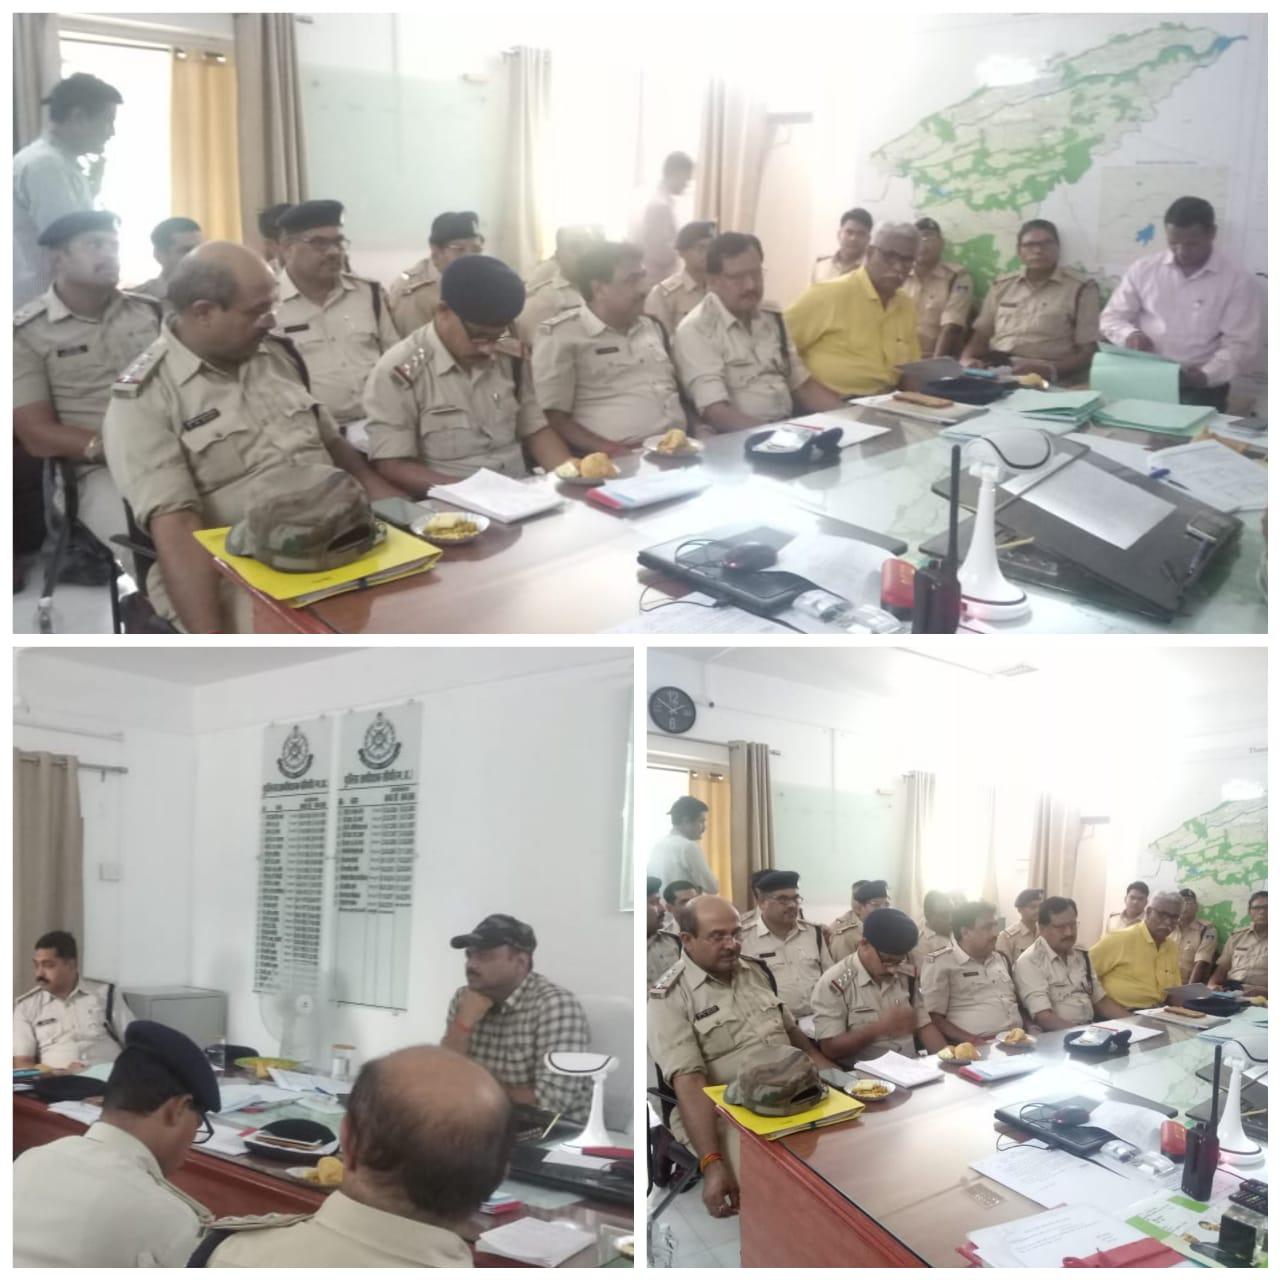 सीधी पुलिस अधीक्षक श्री बेलवंशी ने क्राइम मीटिंग में सभी चौकी प्रभारी एवं थाना प्रभारियों को मुख्यमंत्री ऑनलाइन आवेदनों पर जल्द निराकरण करने के दिए निर्देश